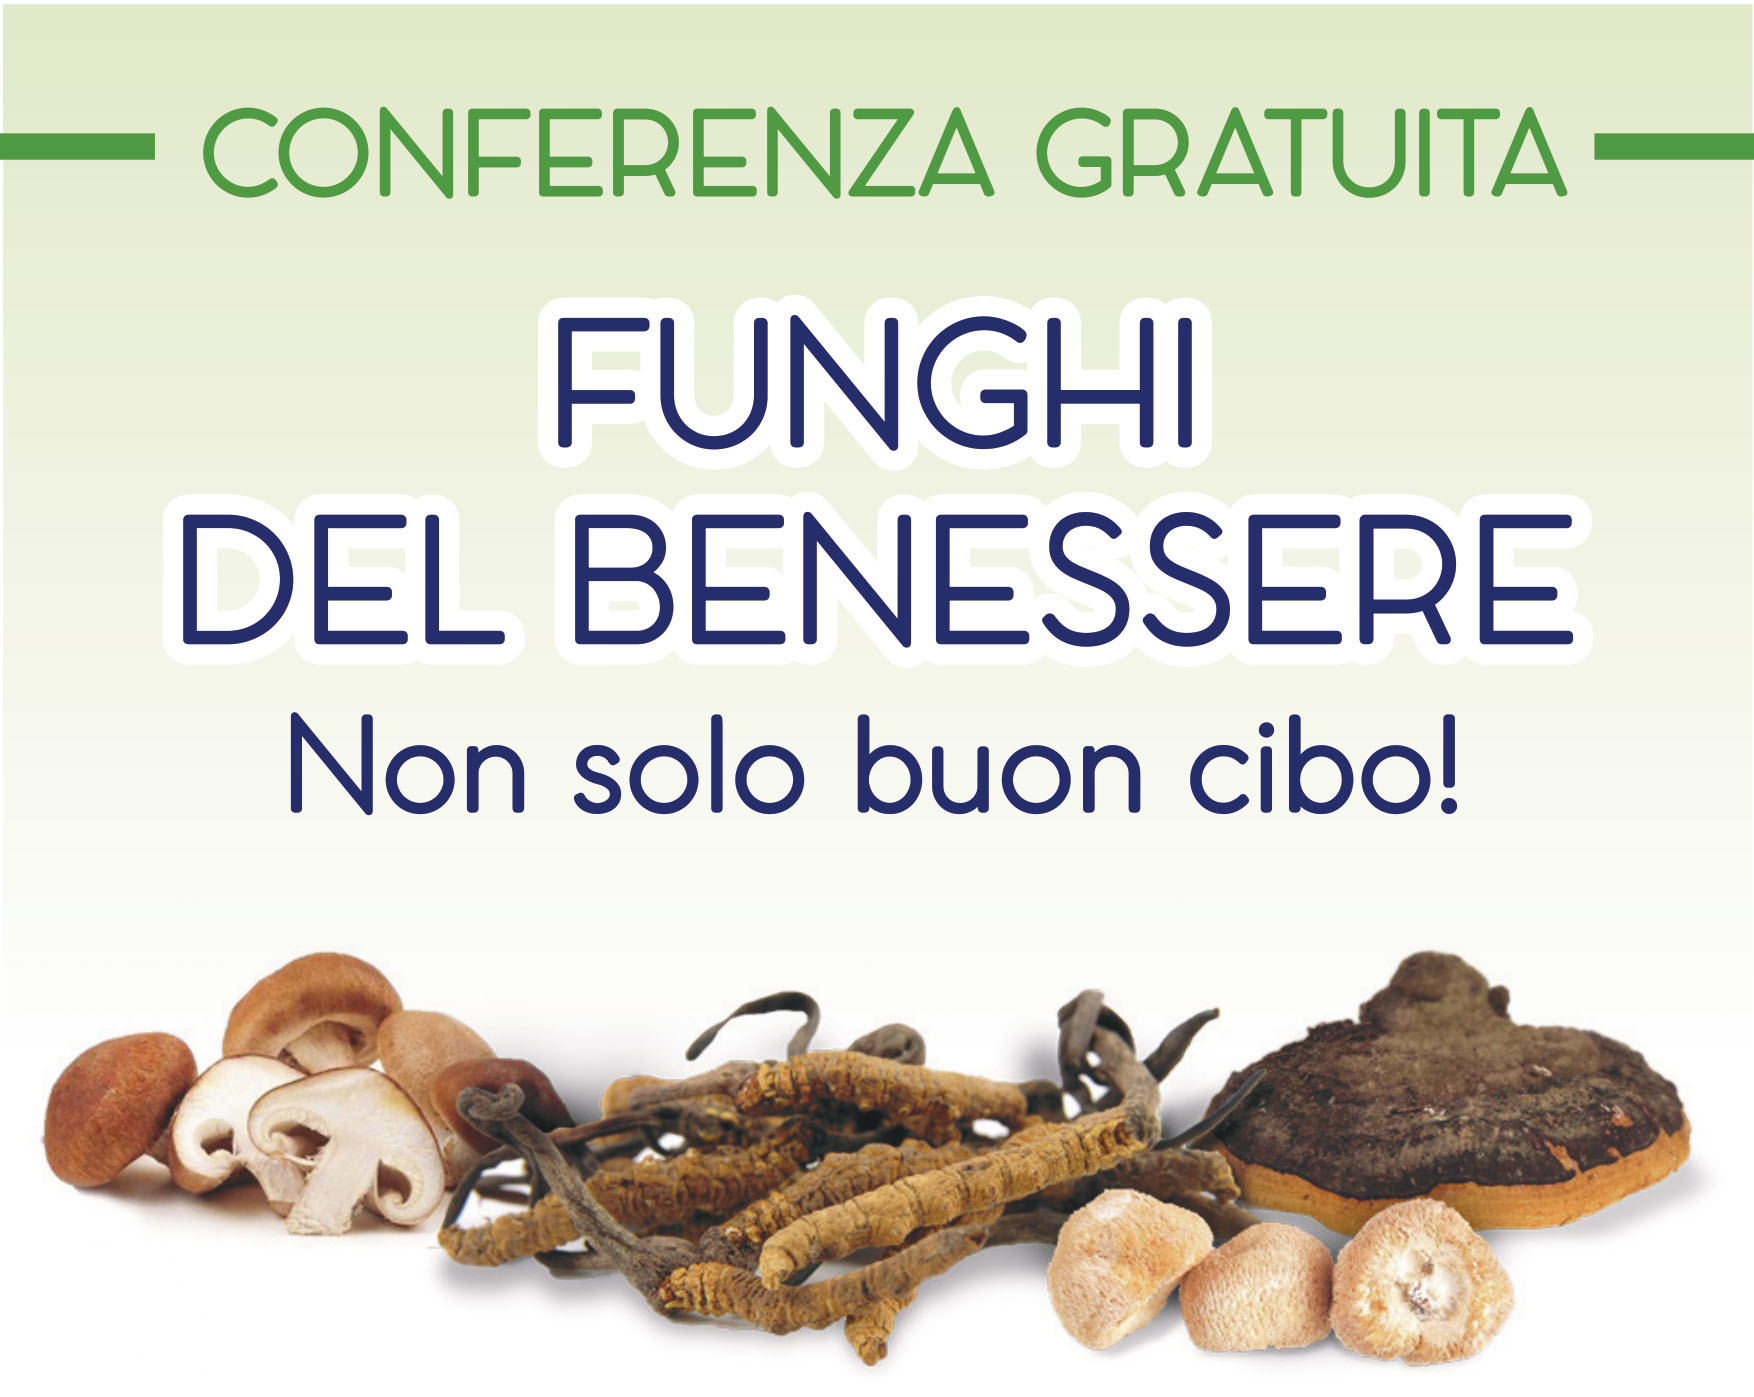 Funghi del benessere, non solo buon cibo